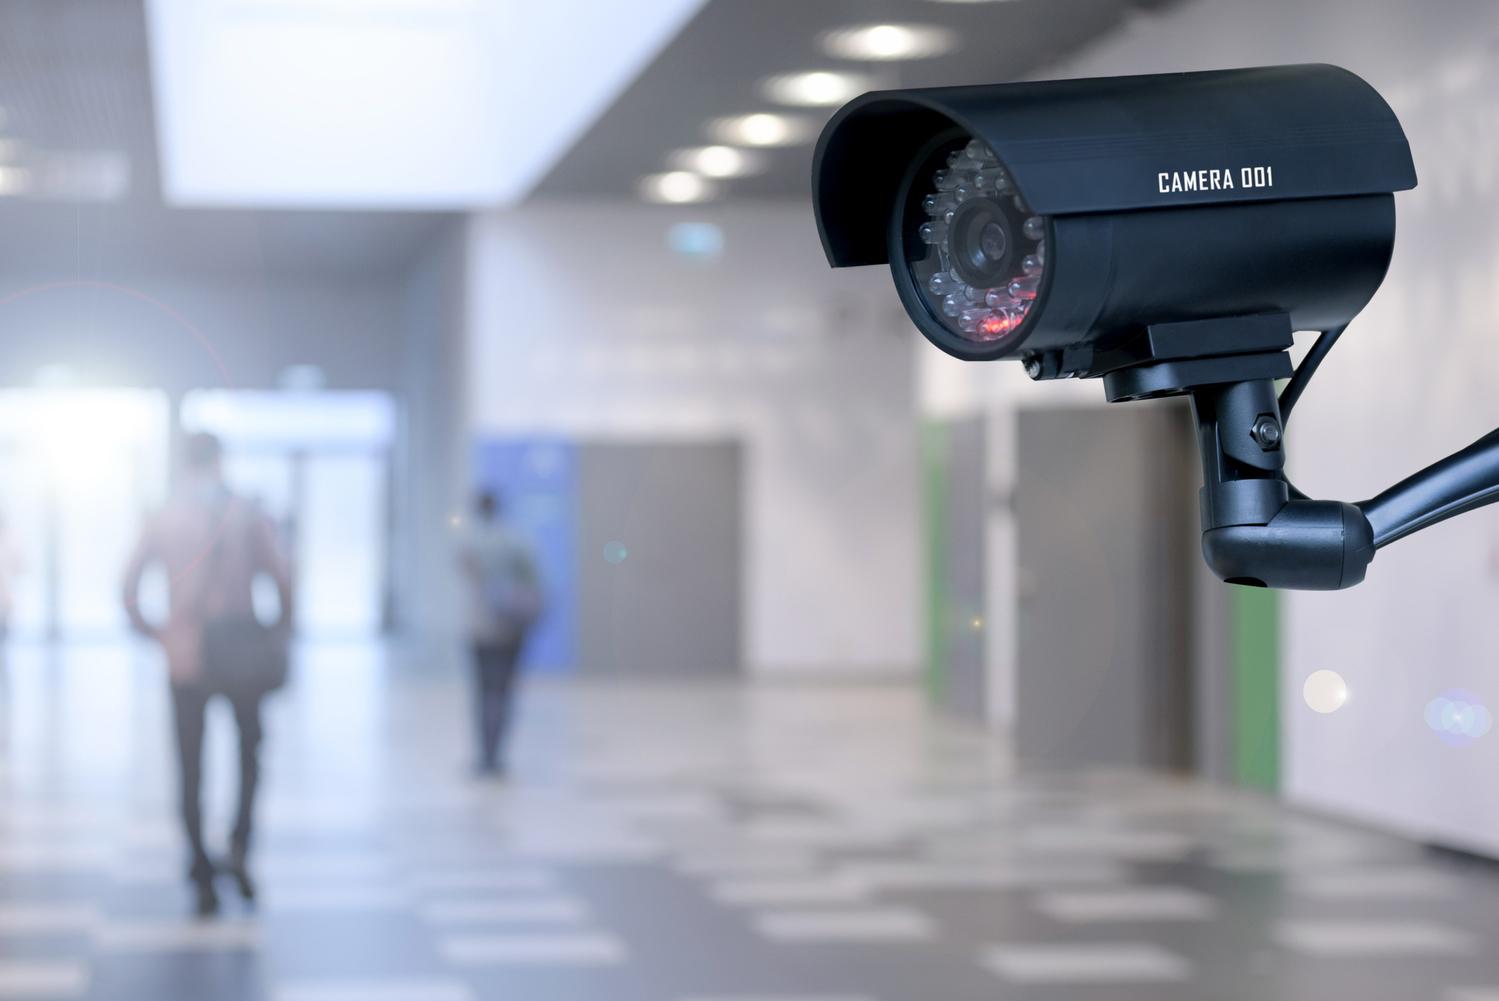 مميزات وفوائد كاميرات المراقبة